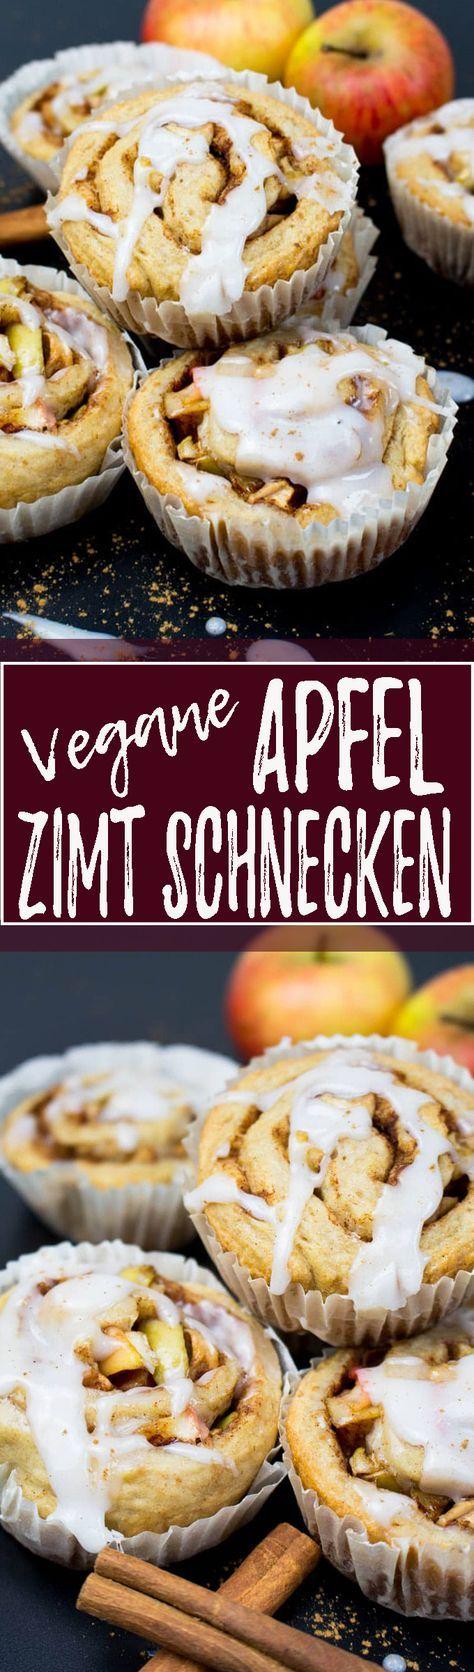 Einfaches und leckeres Rezept für vegane Zimtschnecken mit Apfel, Dinkelmehl und Rohrzucker. Eines meiner liebsten Backrezepte!